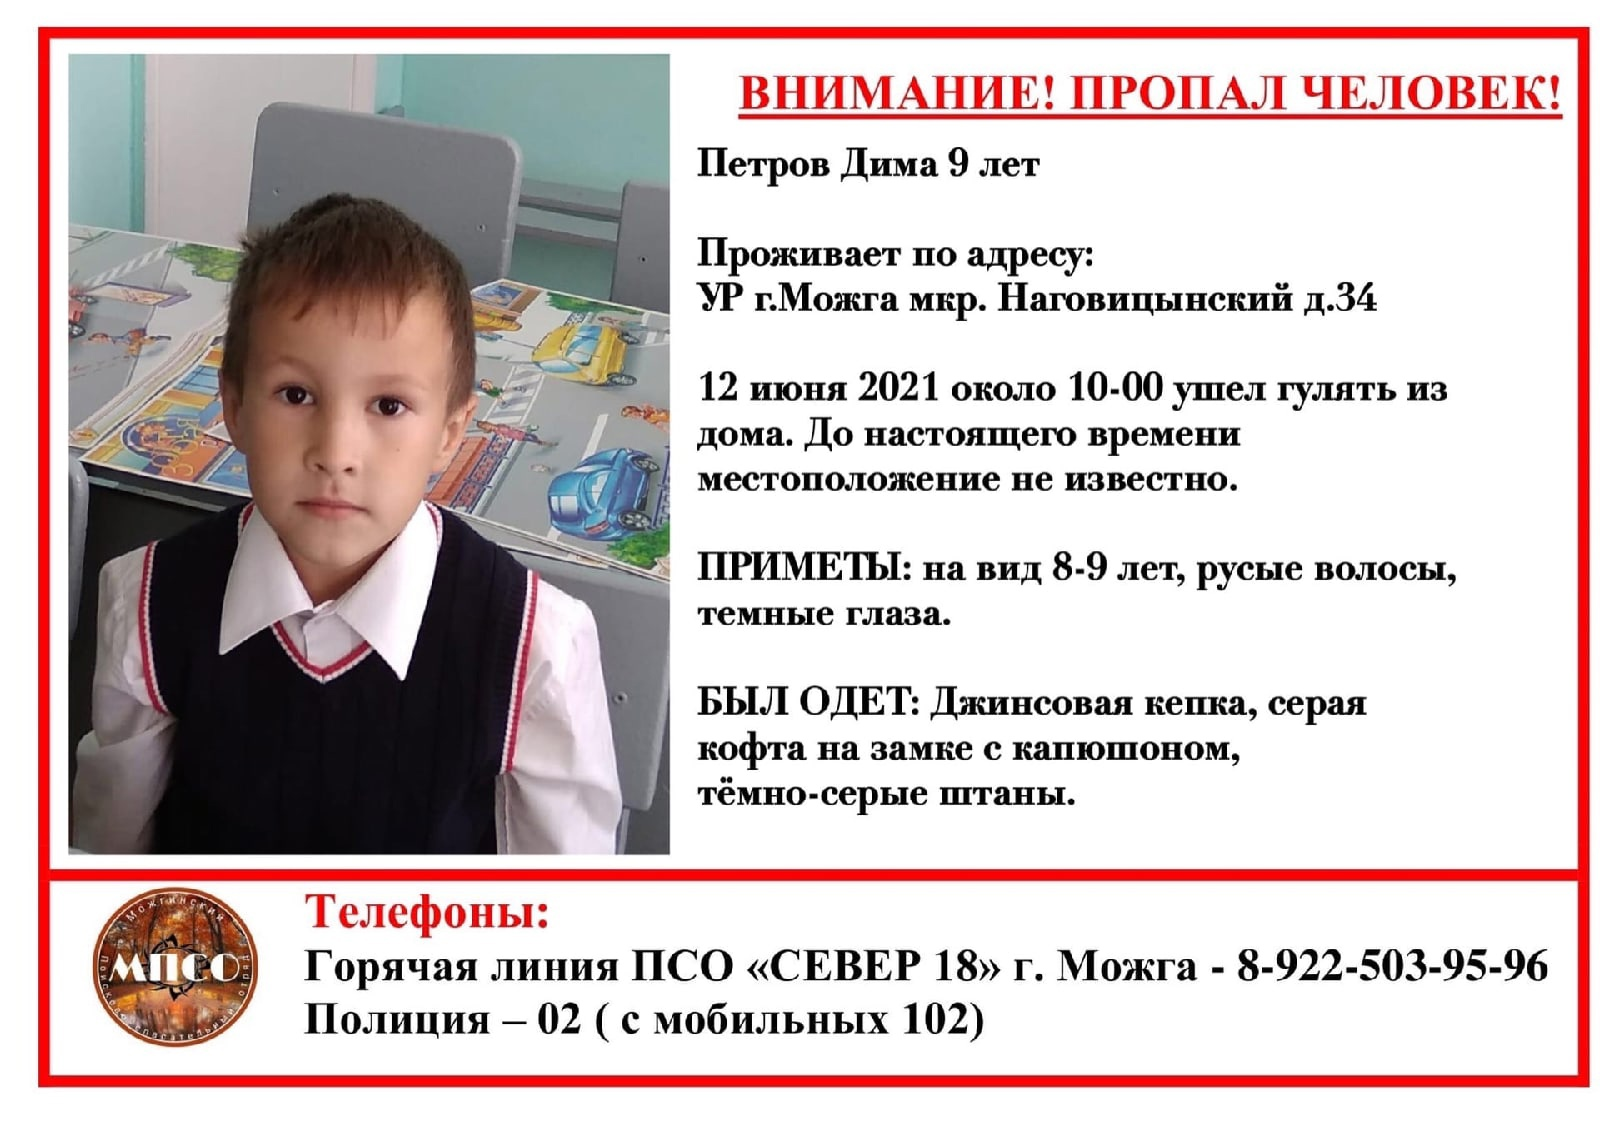 Внимание, пропал ребёнок!Петров Дима, 9 лет.Проживает в